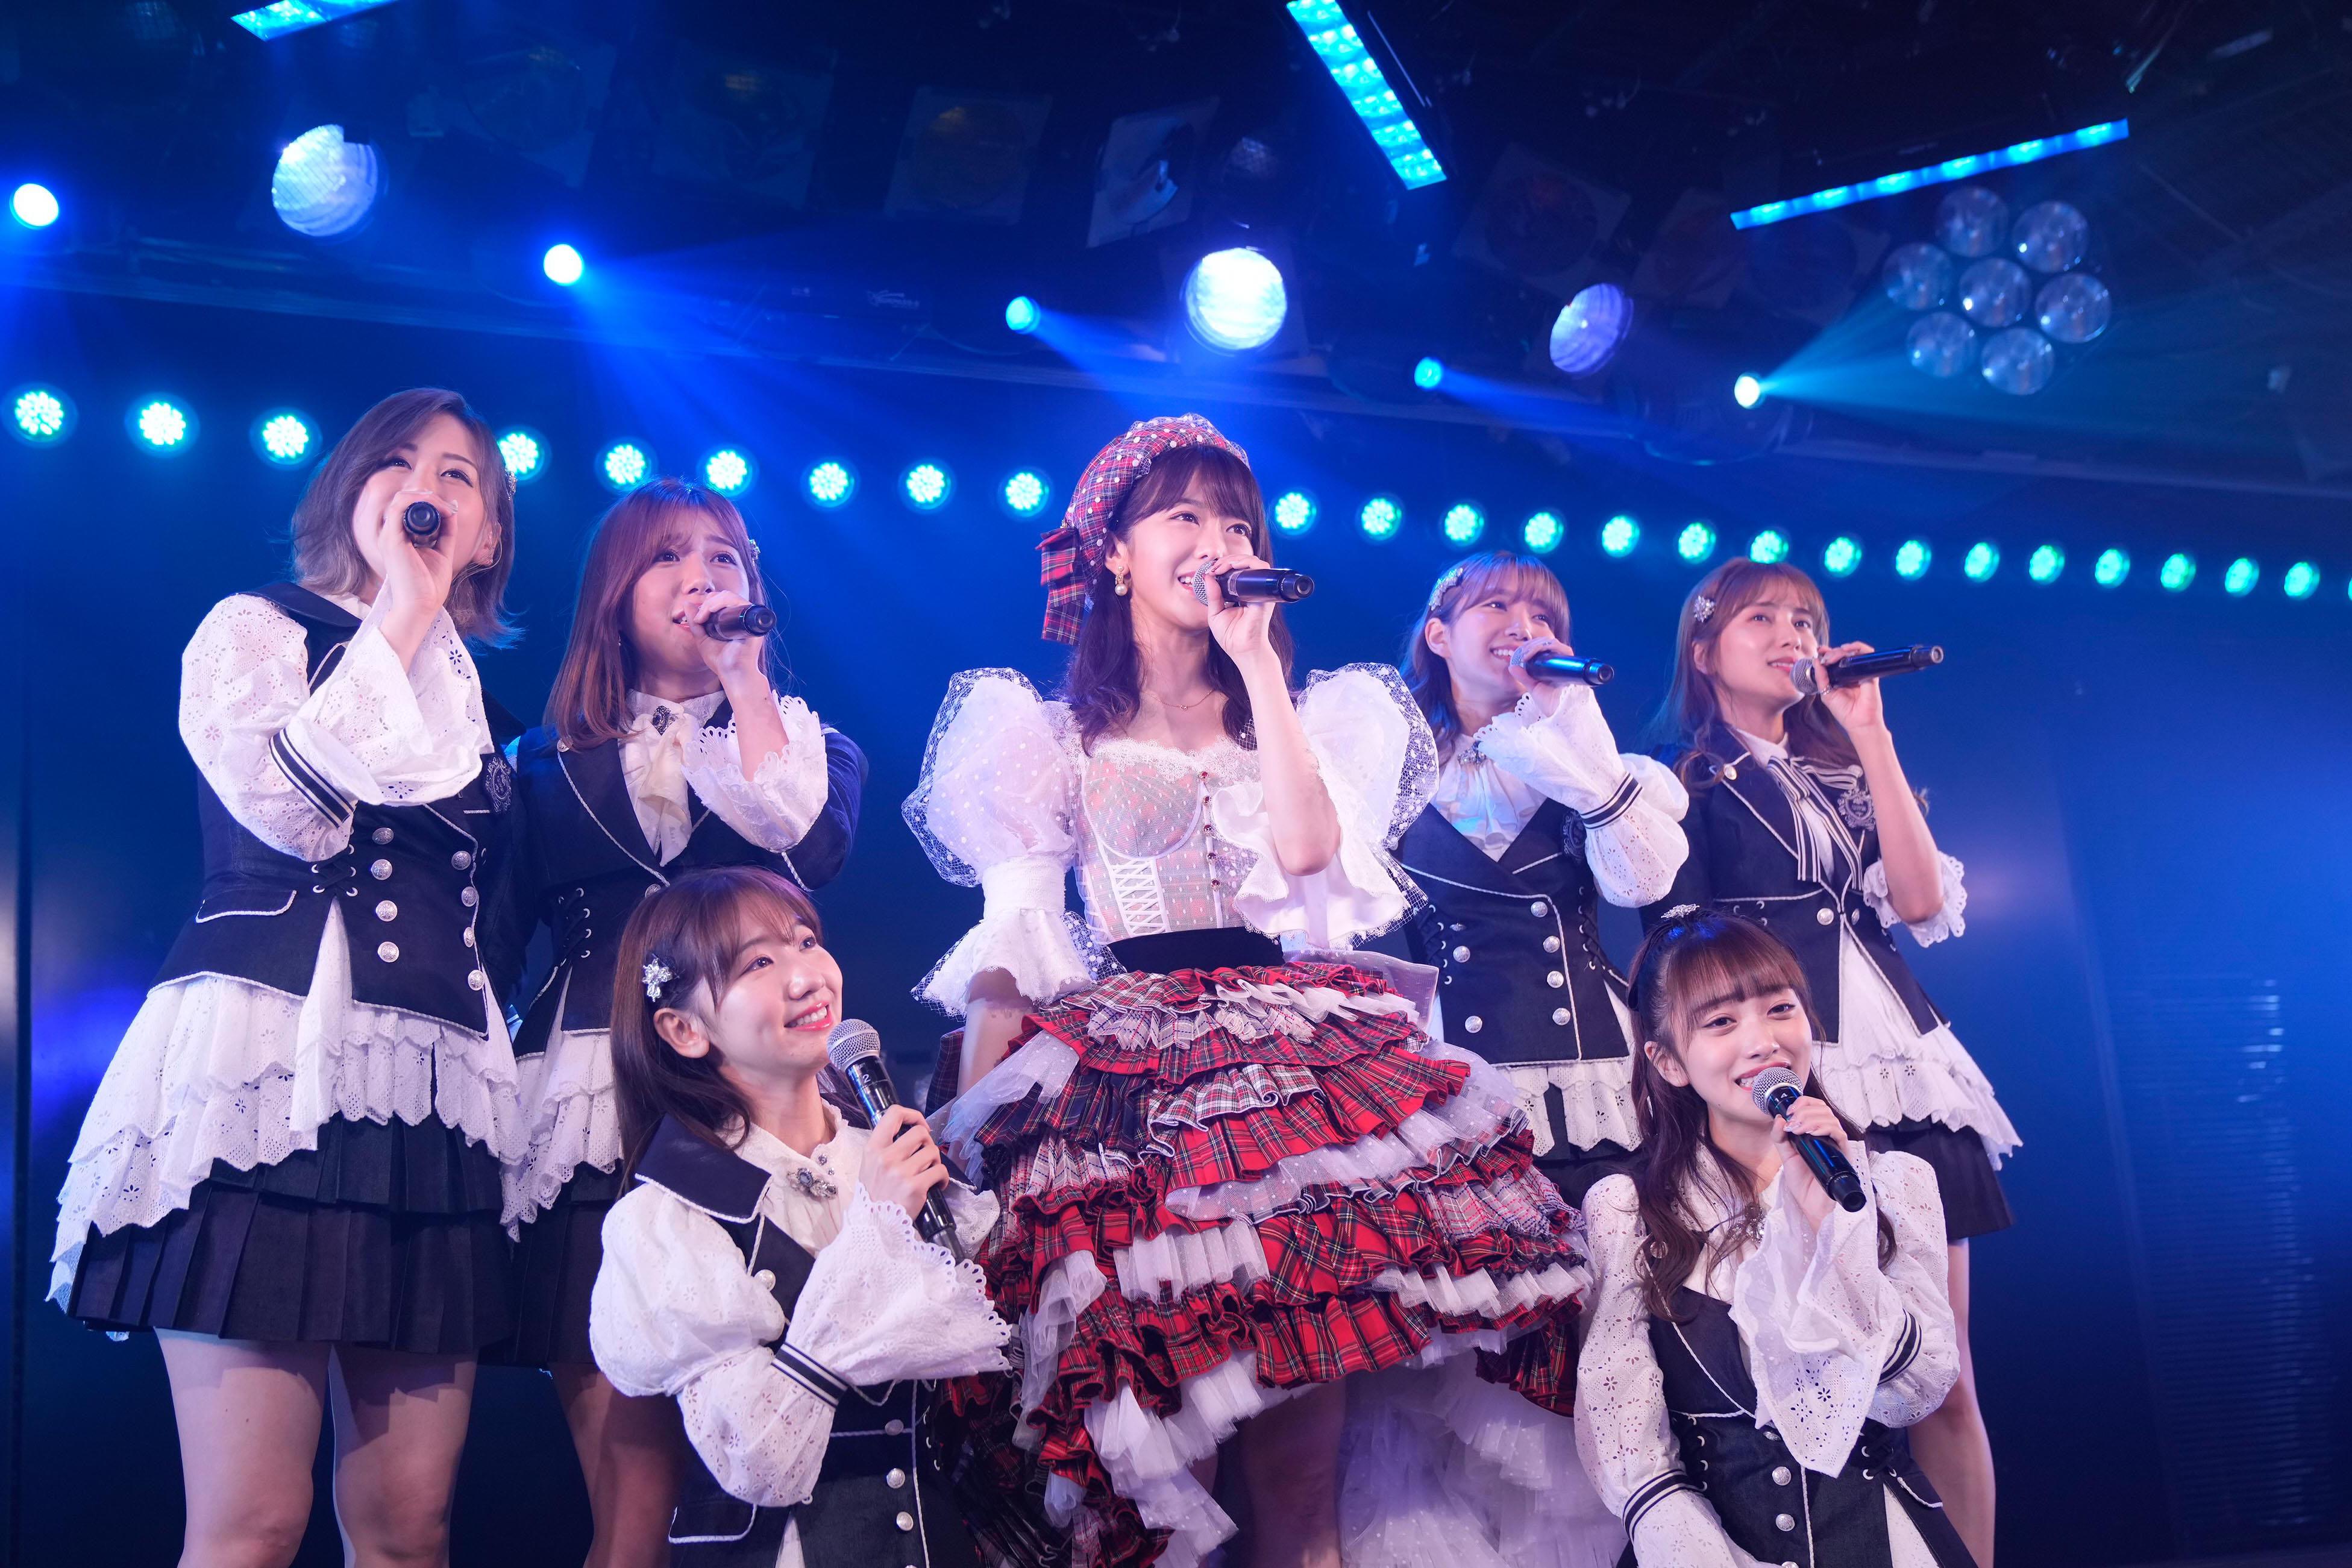 AKB48峯岸みなみ 卒業公演:秋元先生からも手紙「君の優しさが、AKB48 ...